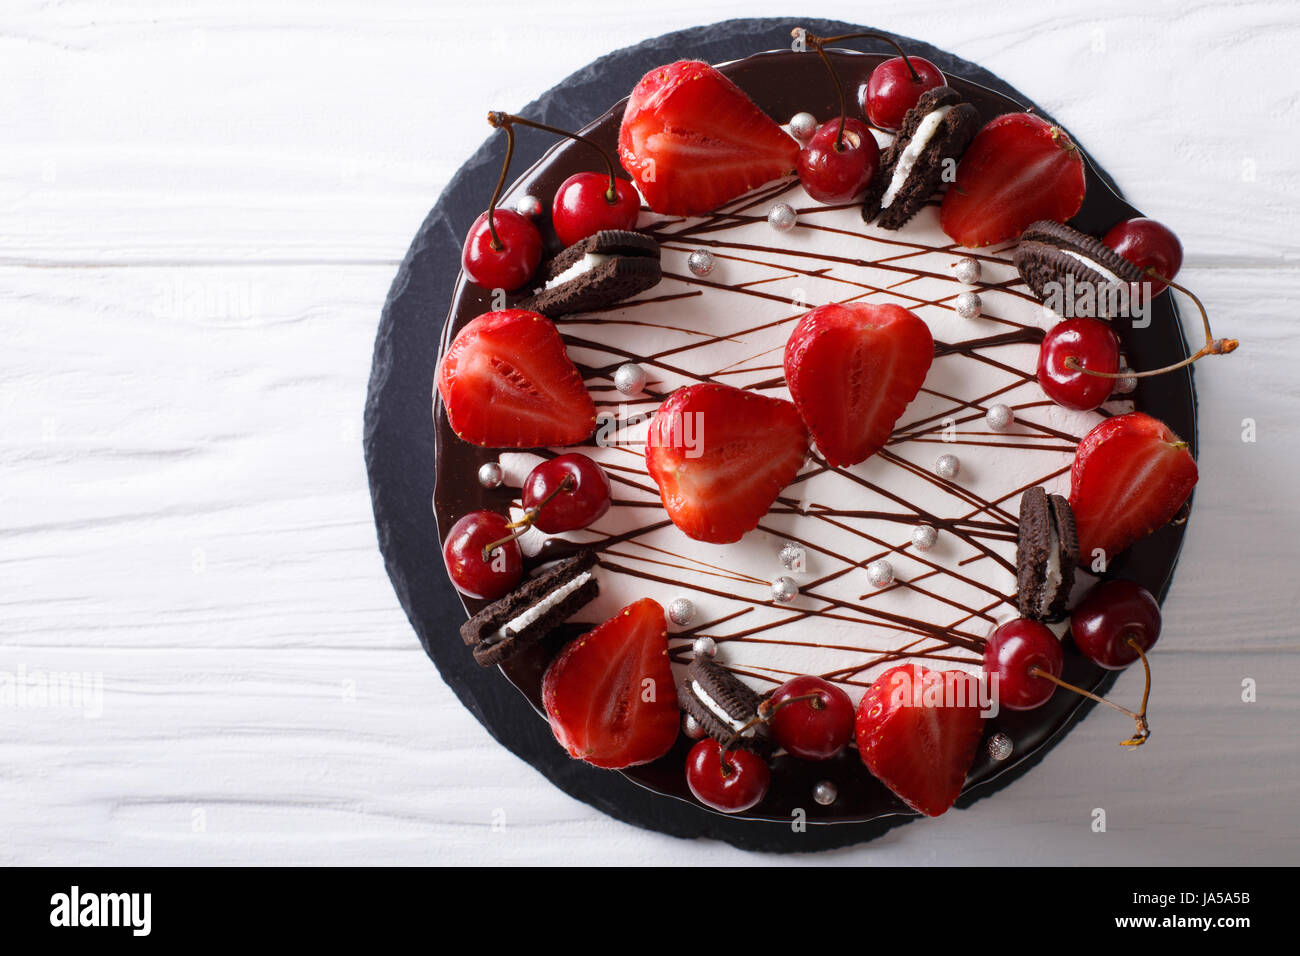 festliche Schokoladentorte mit Erdbeere und Kirsche Nahaufnahme auf dem Tisch. horizontale Ansicht von oben Stockbild